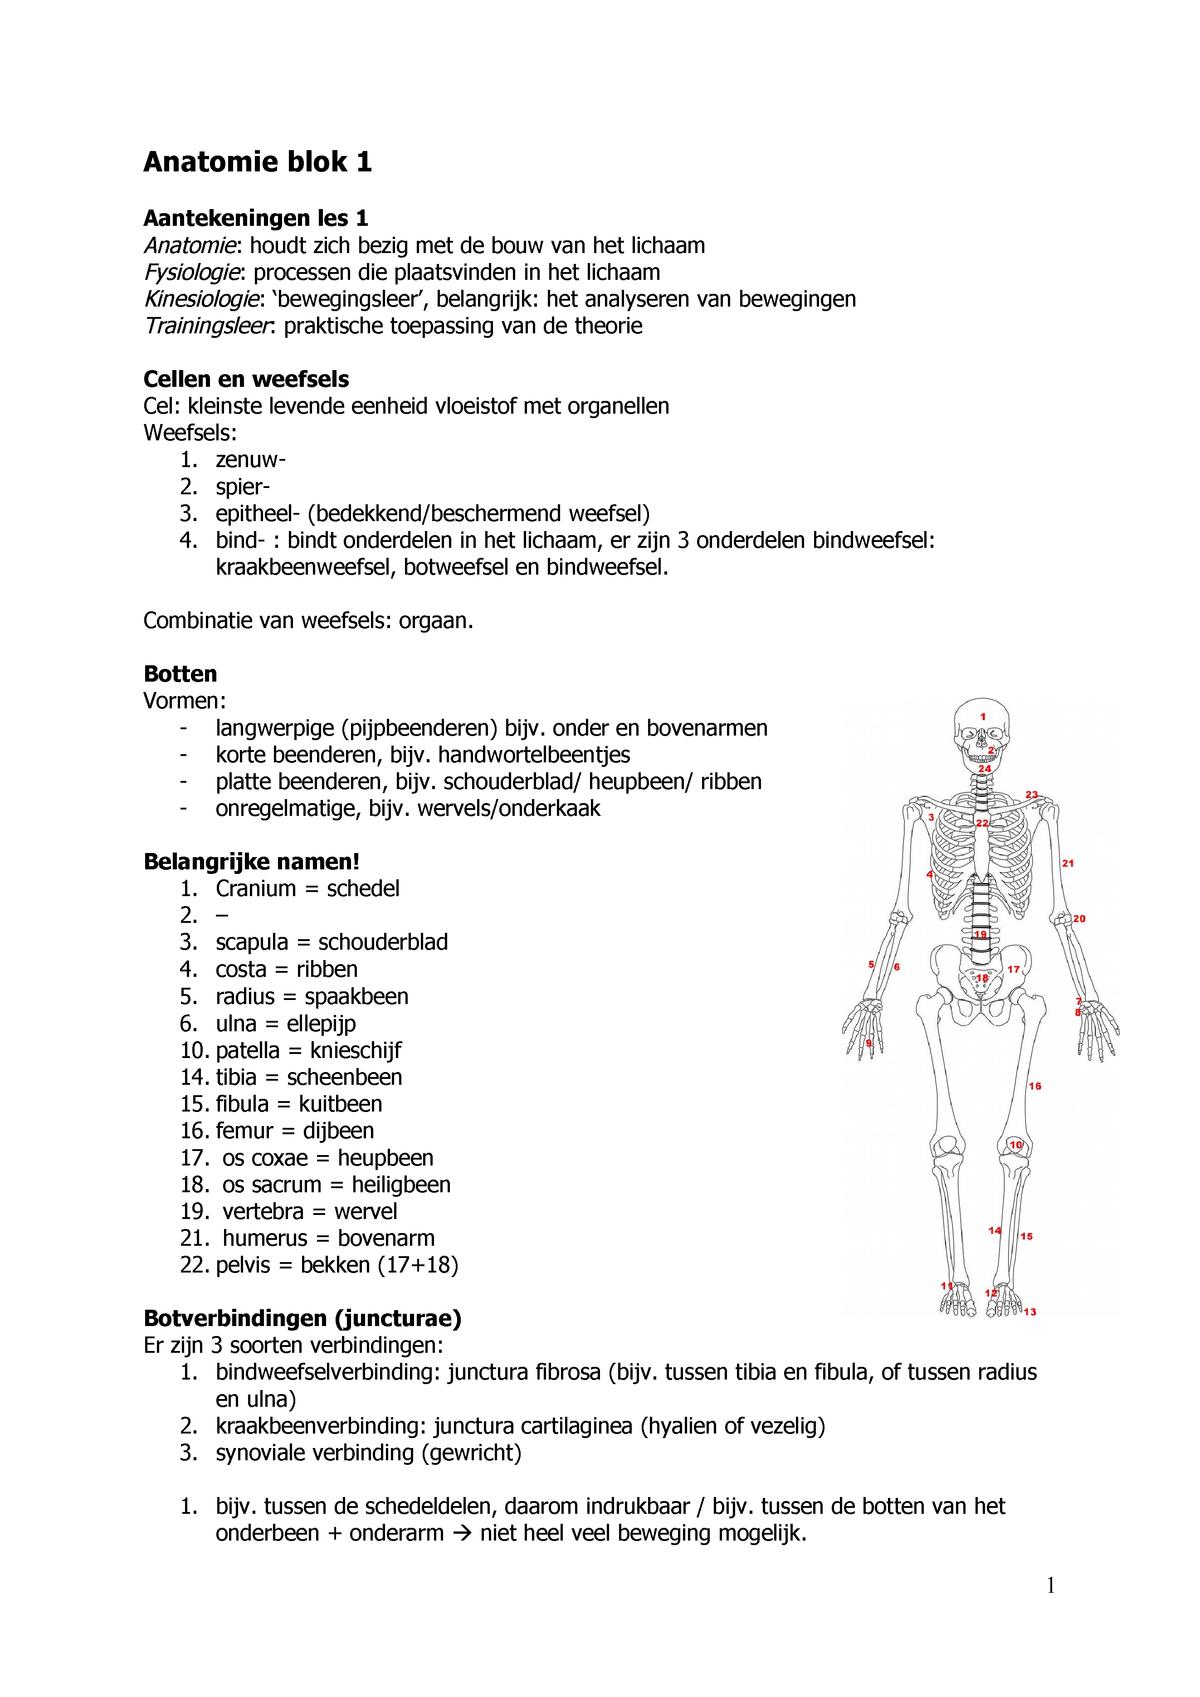 College Aantekeningen Colleges 1 Tm 7 Anatomie Blok 1